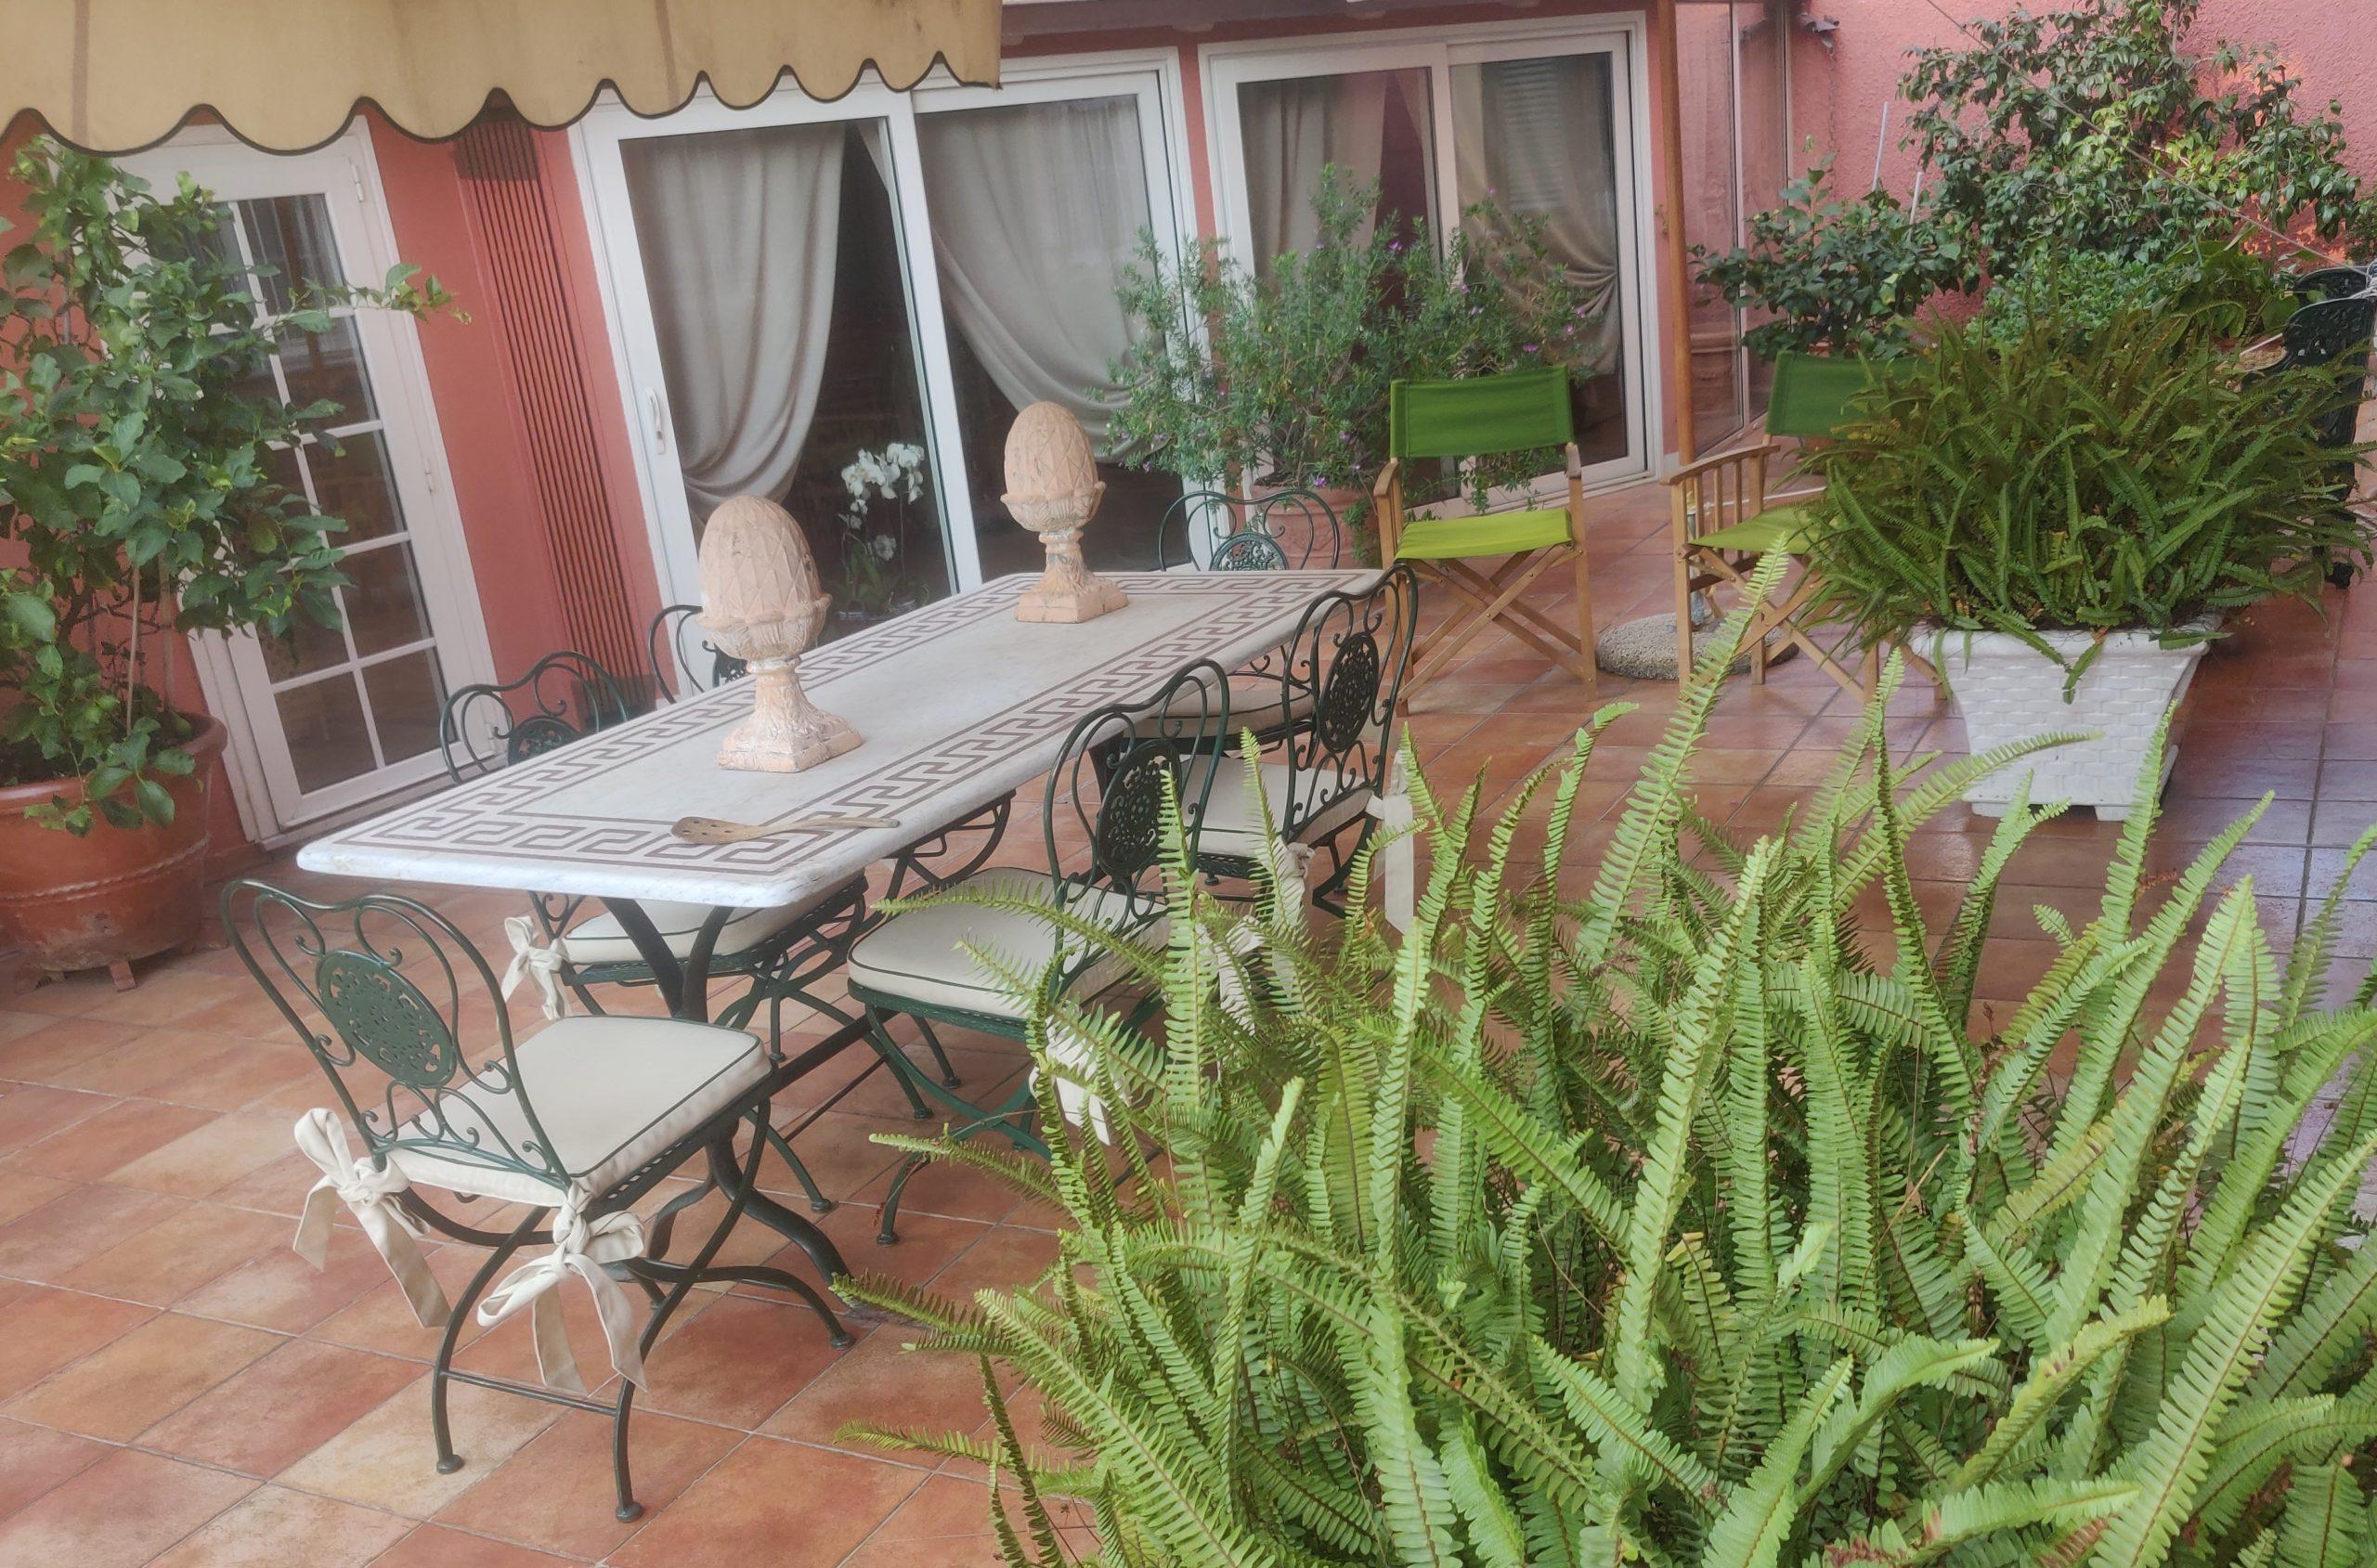 Aпартаменты с видом на море в курортном городке Аренцано